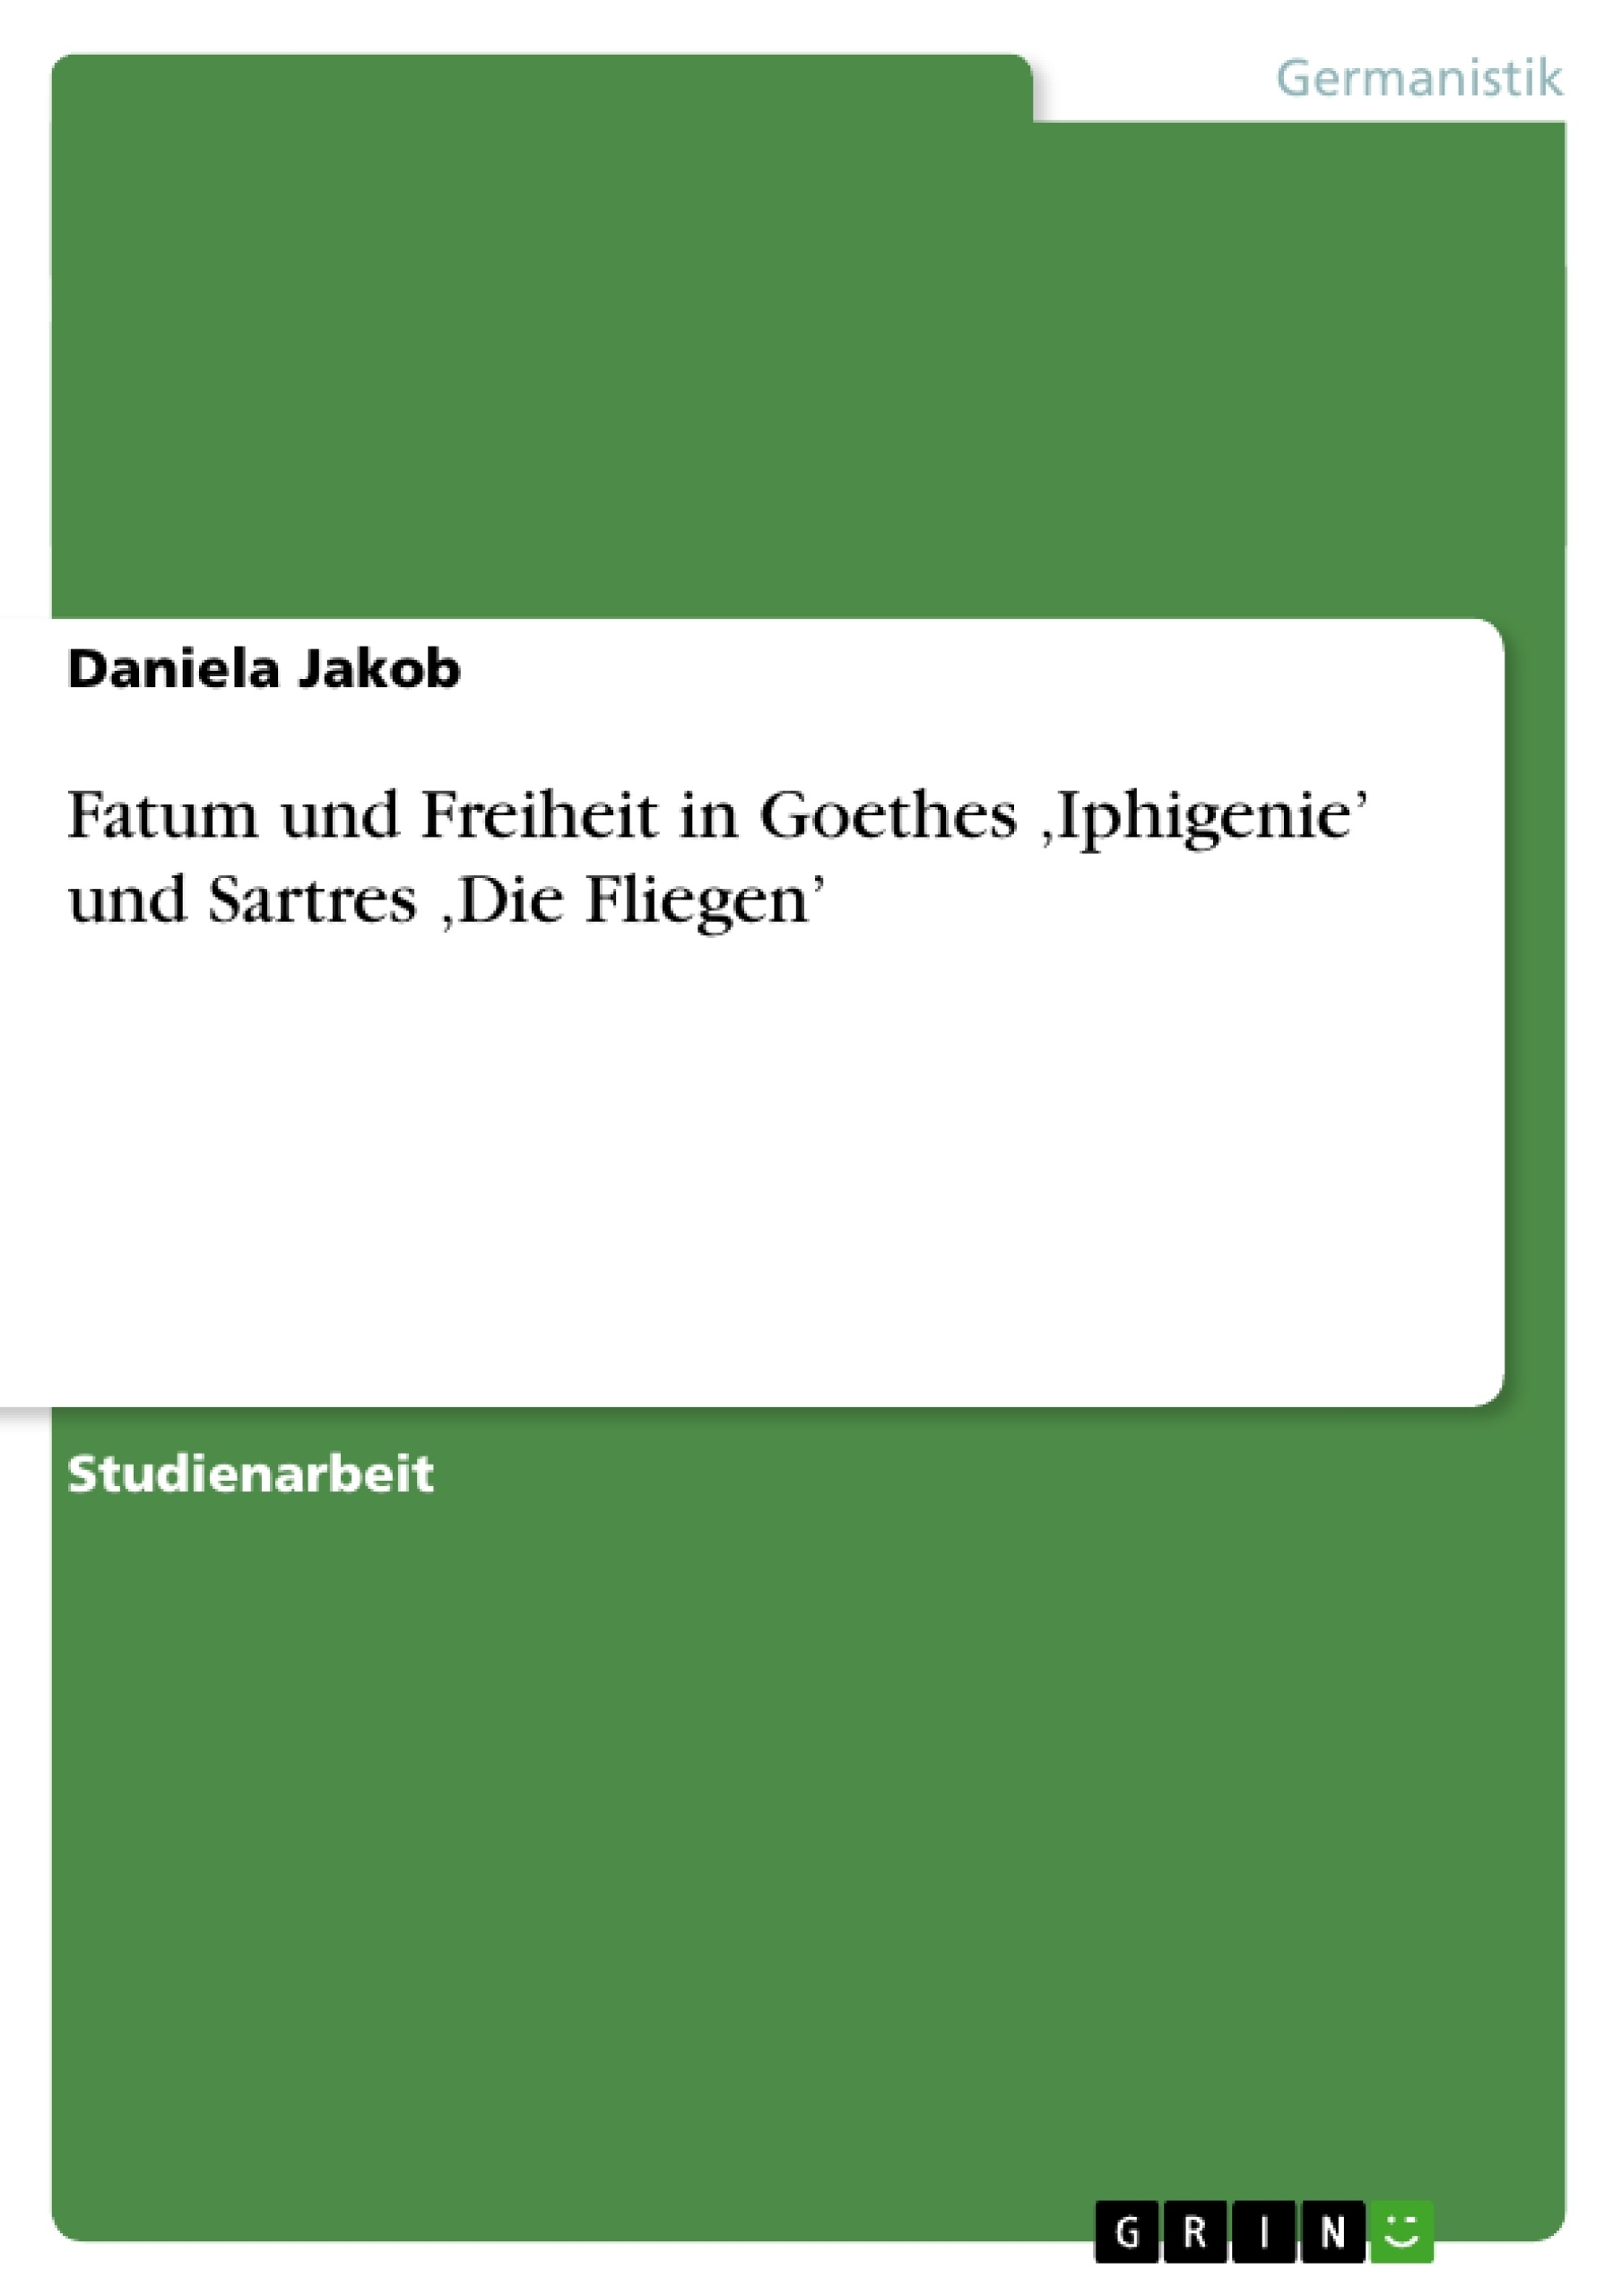 Titel: Fatum und Freiheit in Goethes 'Iphigenie' und Sartres 'Die Fliegen'